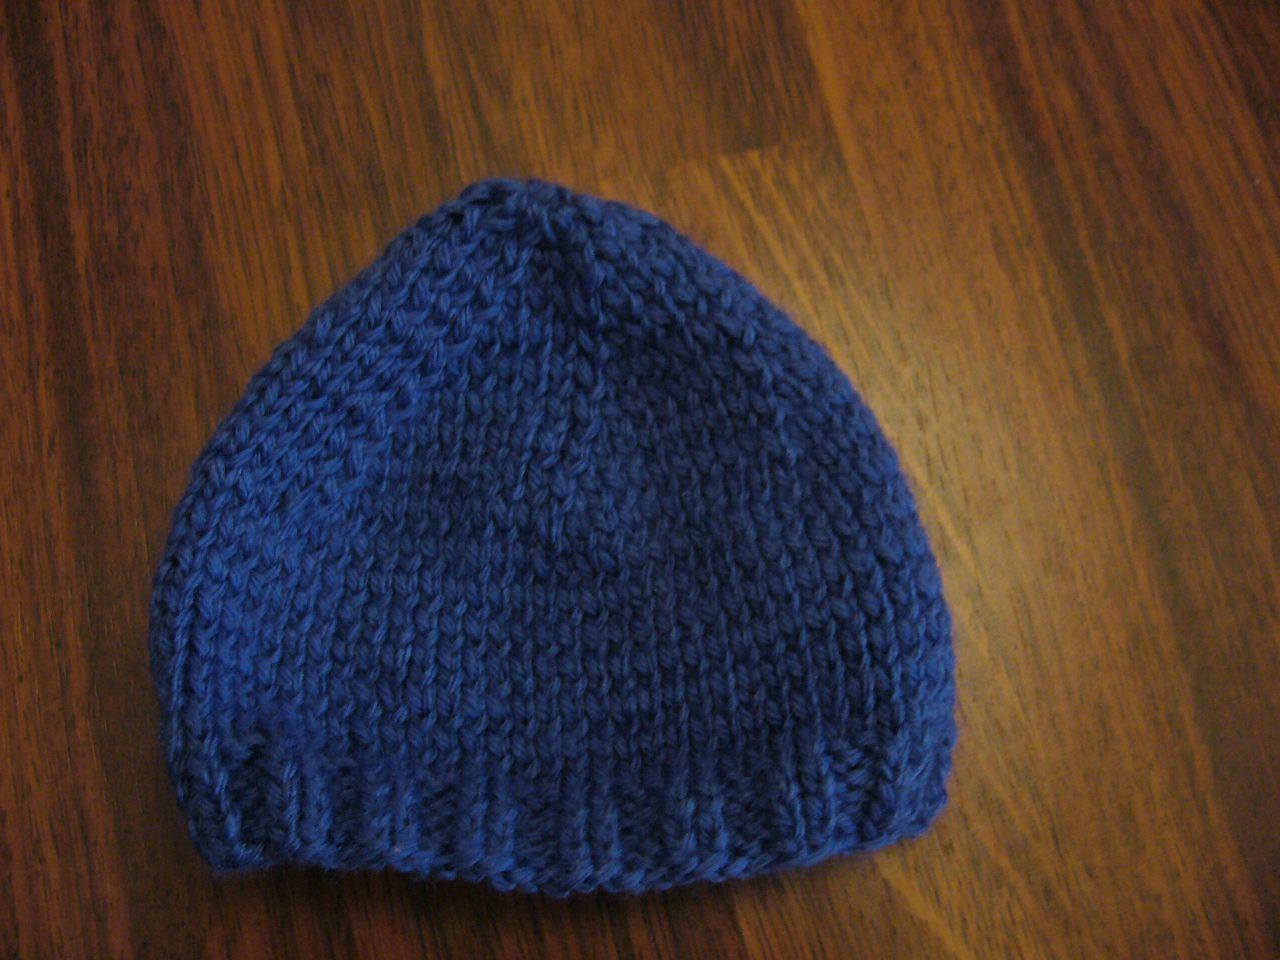 cliché patron tricot bonnet bébé rigolo ... 4cb0914675e